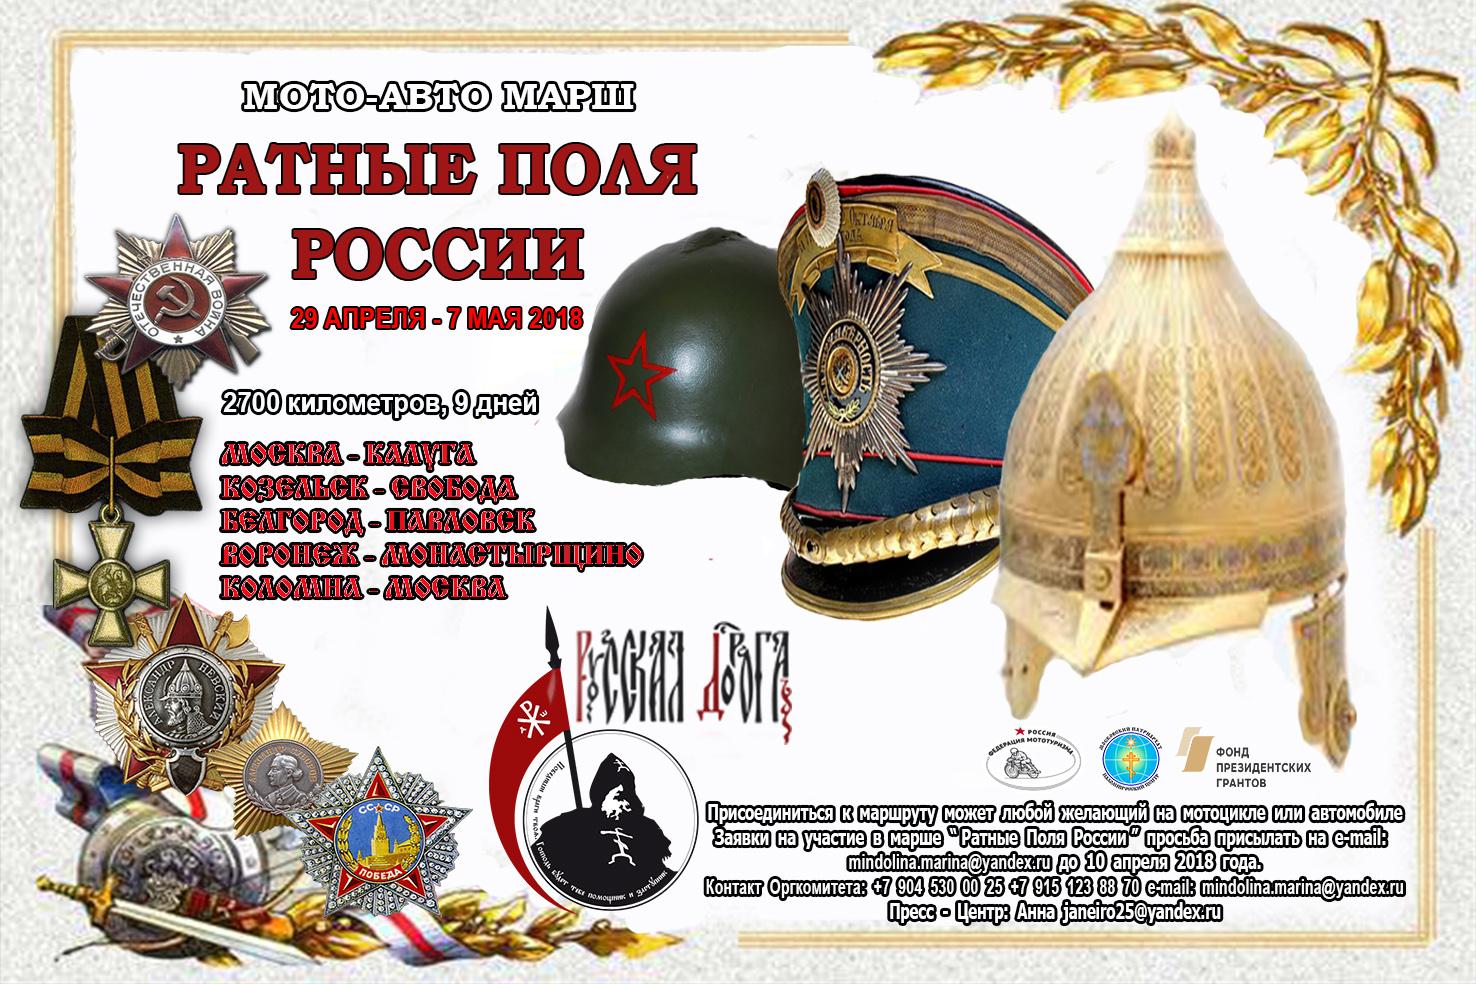 Авто-мото марш «Ратные Поля России» пройдет через Калугу